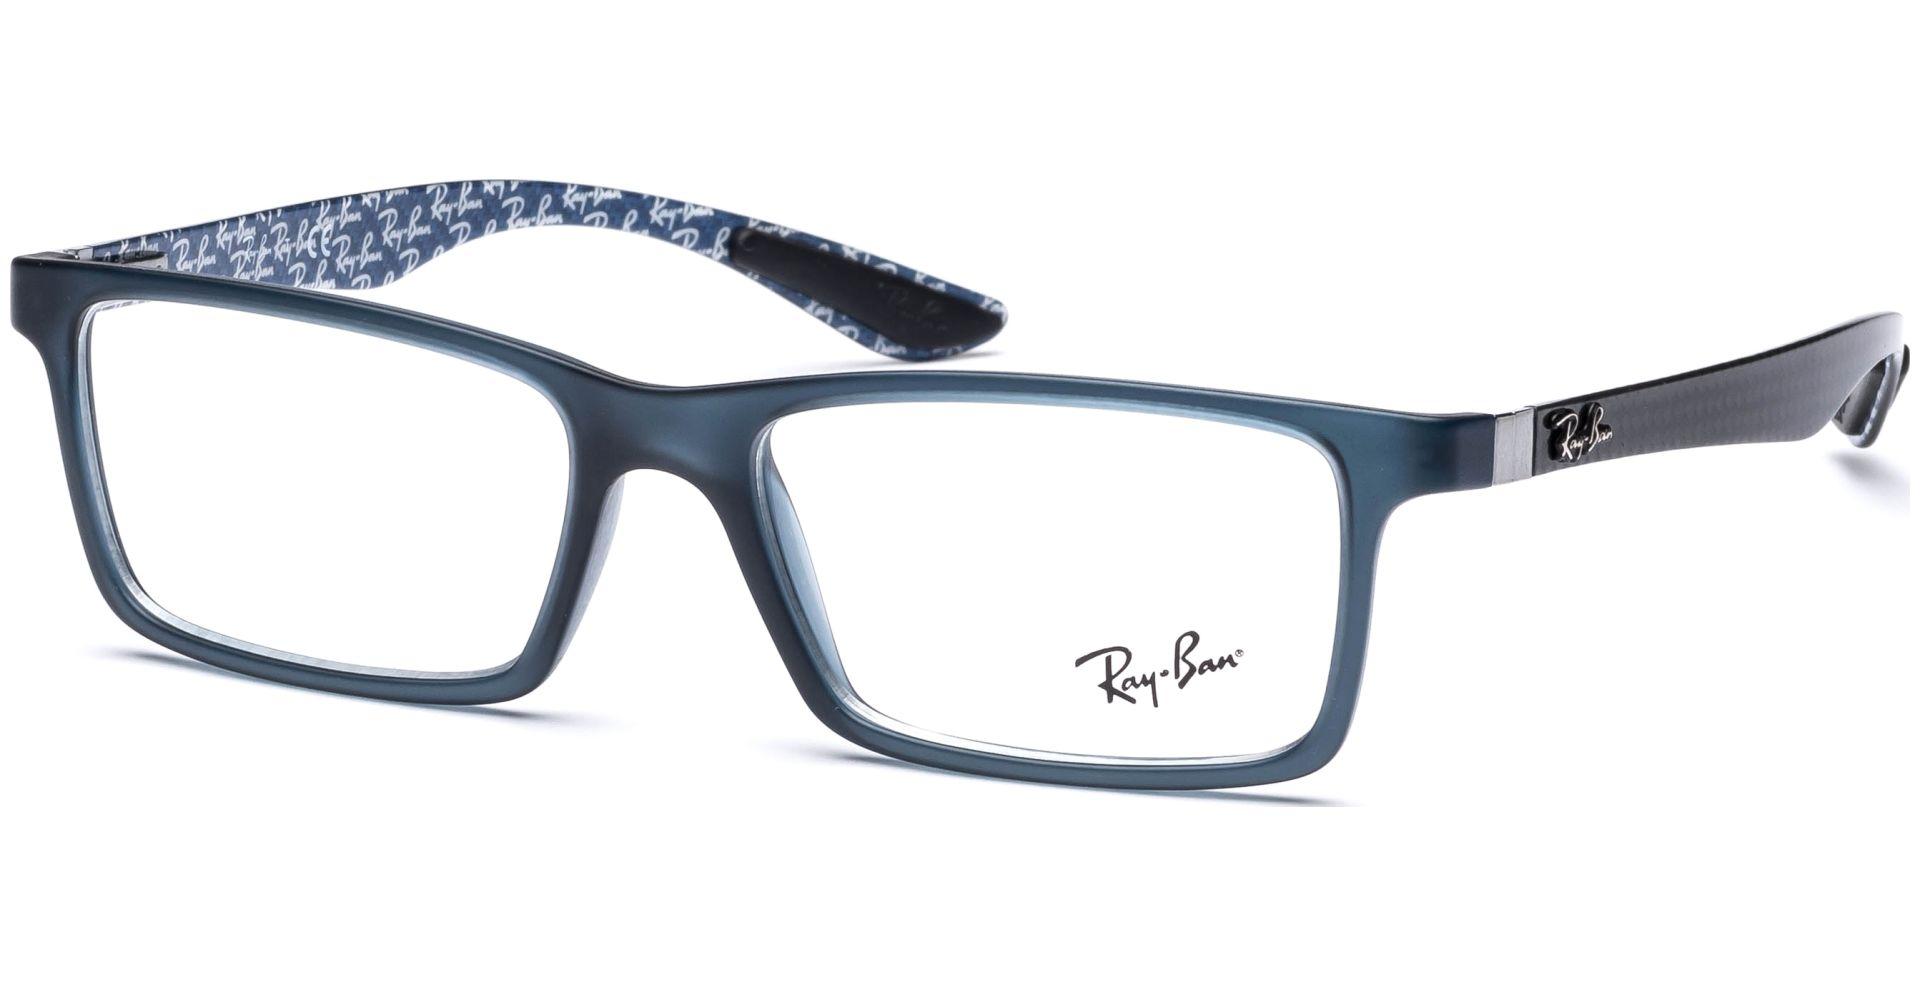 Ray-Ban - RX8901 5262 5517 Demi Gloss Blue - von Lensbest 1a92d113e2